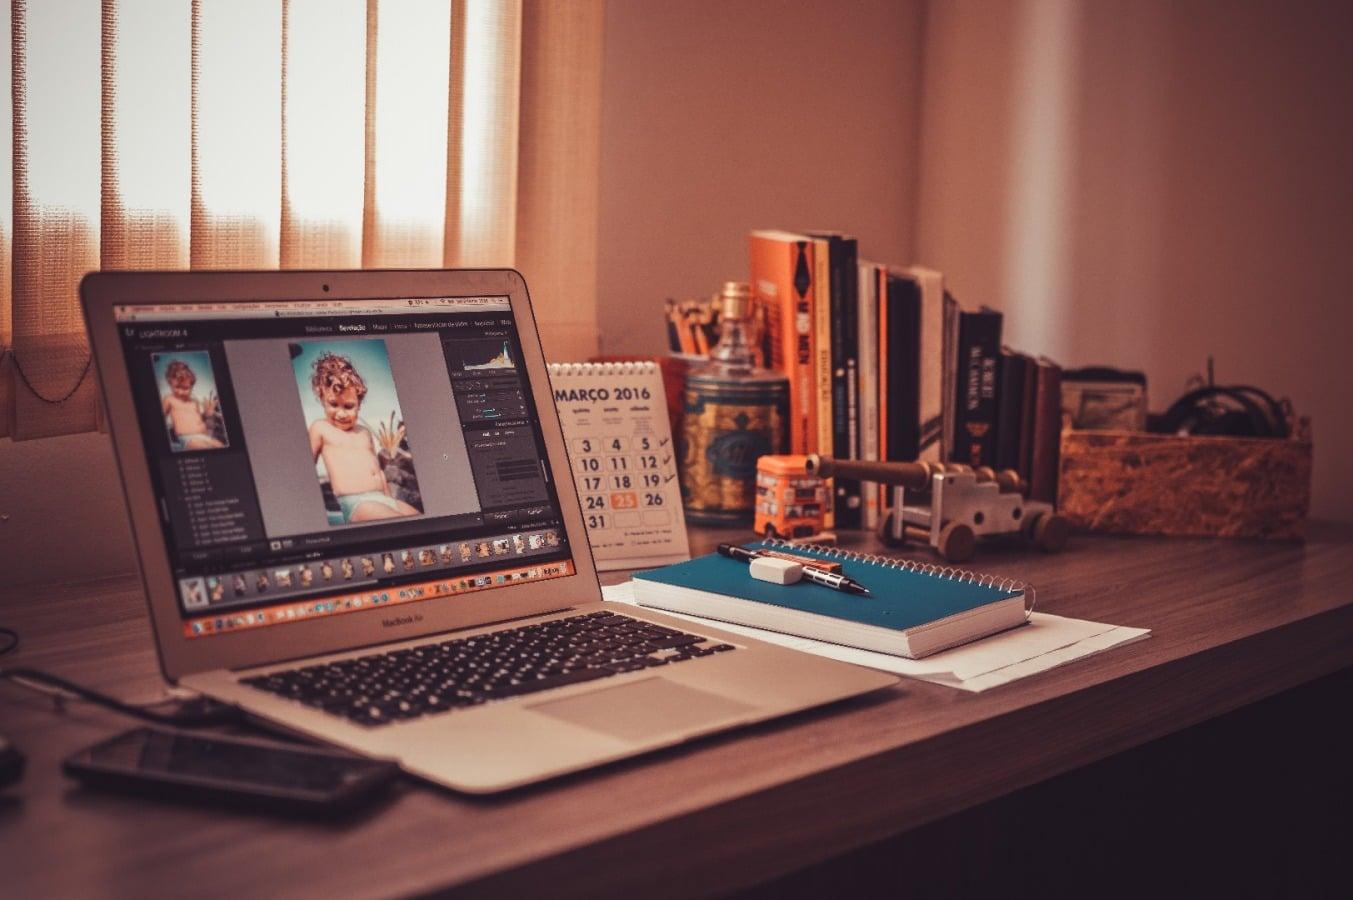 Dzięki Adobe Photoshop, w 2019 roku iPad Pro zyska nowe możliwości